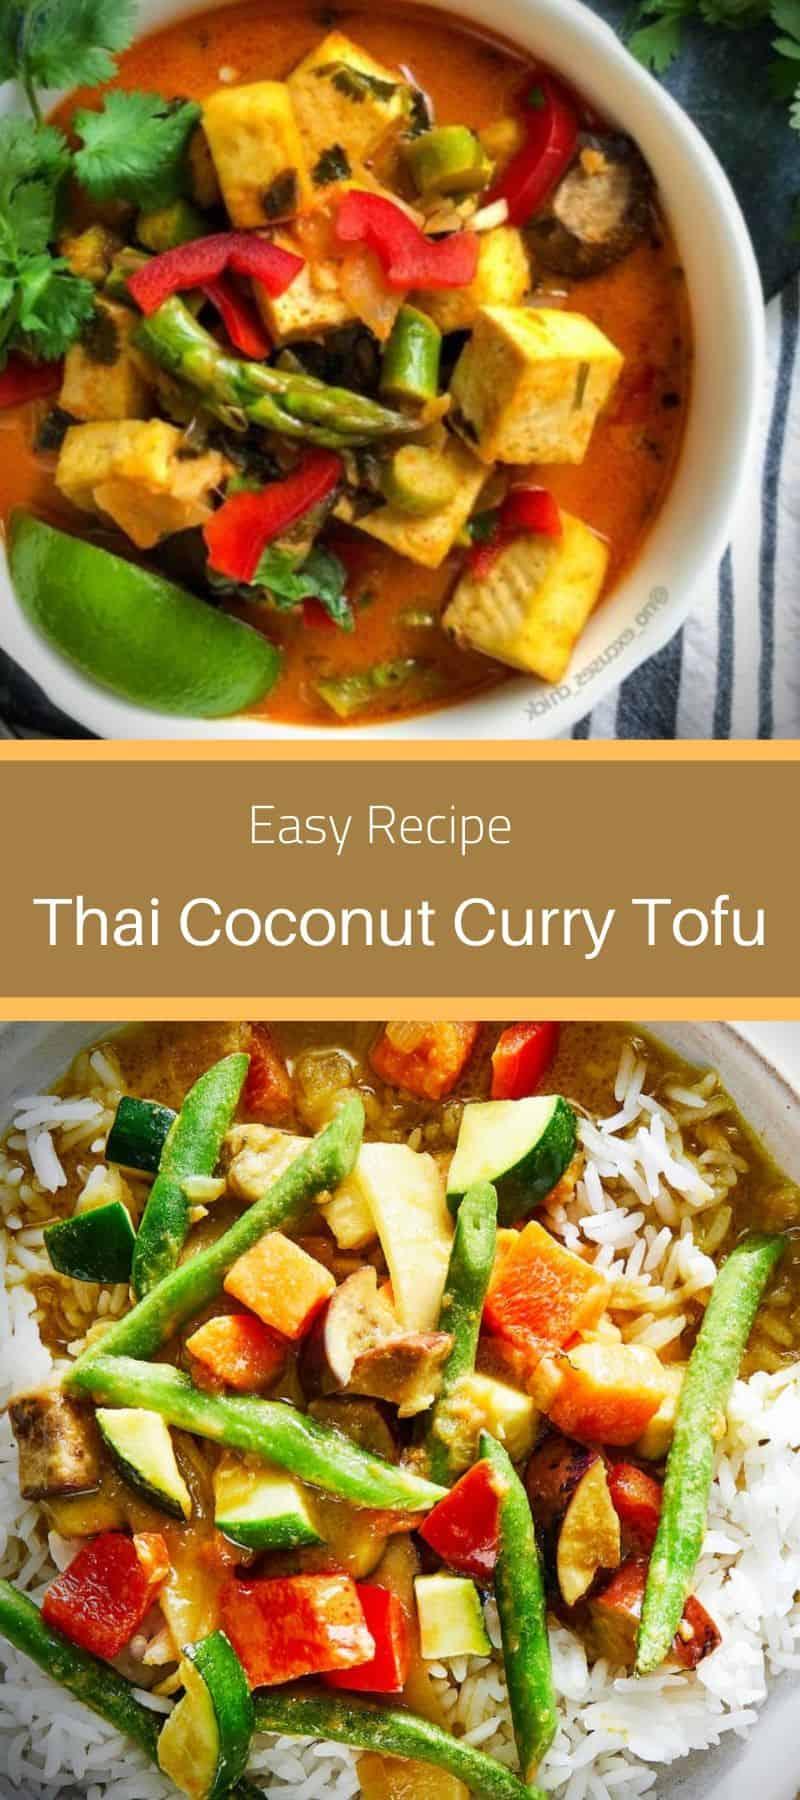 Thai Coconut Curry Tofu Recipe 3